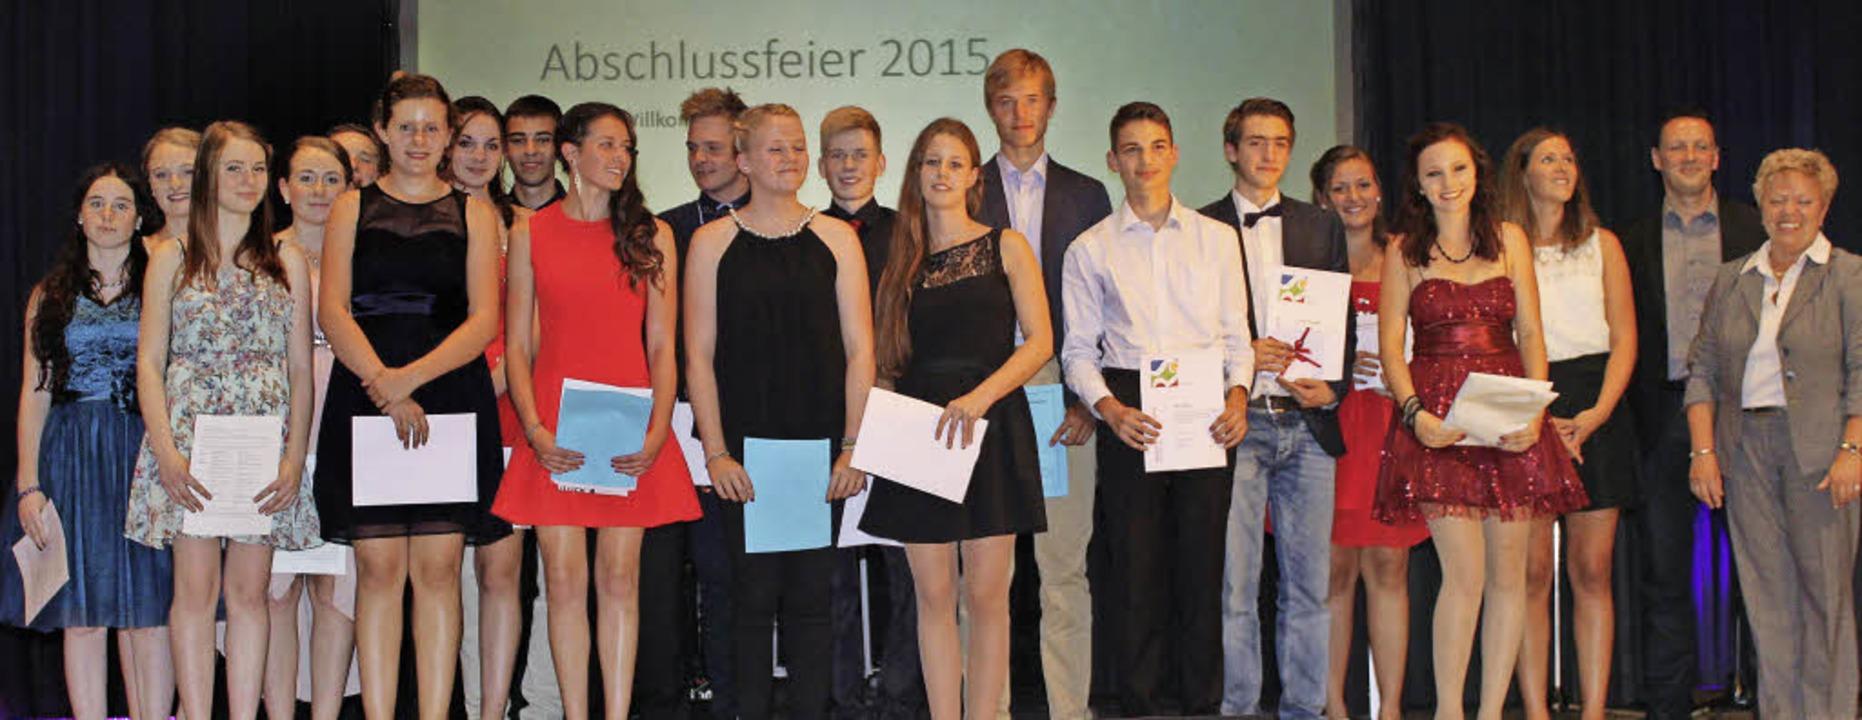 Die Preisträgerinnen und Preisträger  ...ndere, schulische Leistungen  geehrt.     Foto: Lara Walter